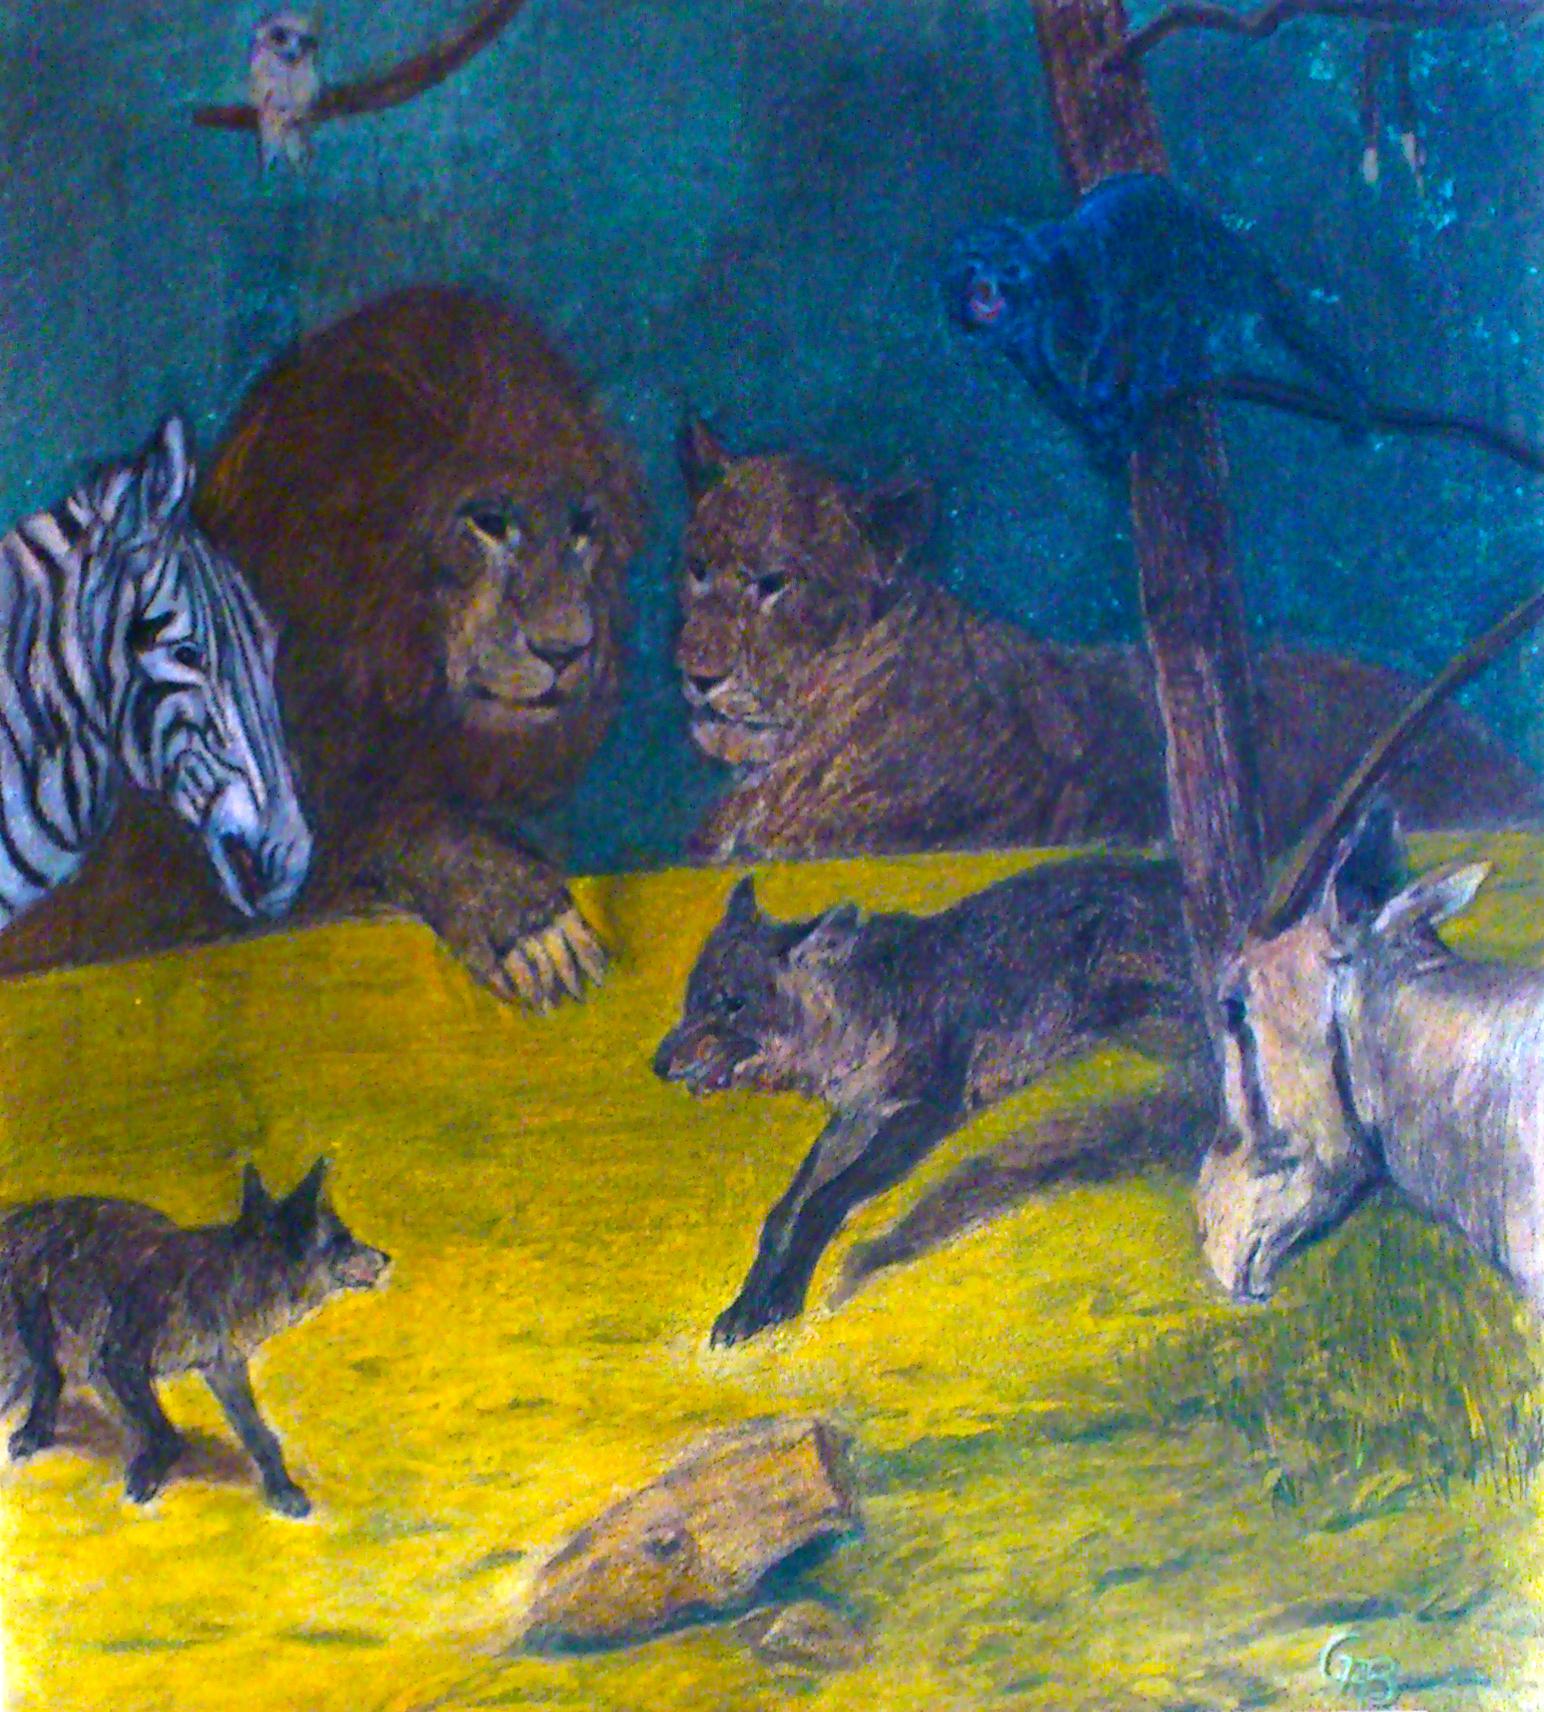 Tiere im Naturhistorischen Museum Wien 36x33 cm Pastellkreide